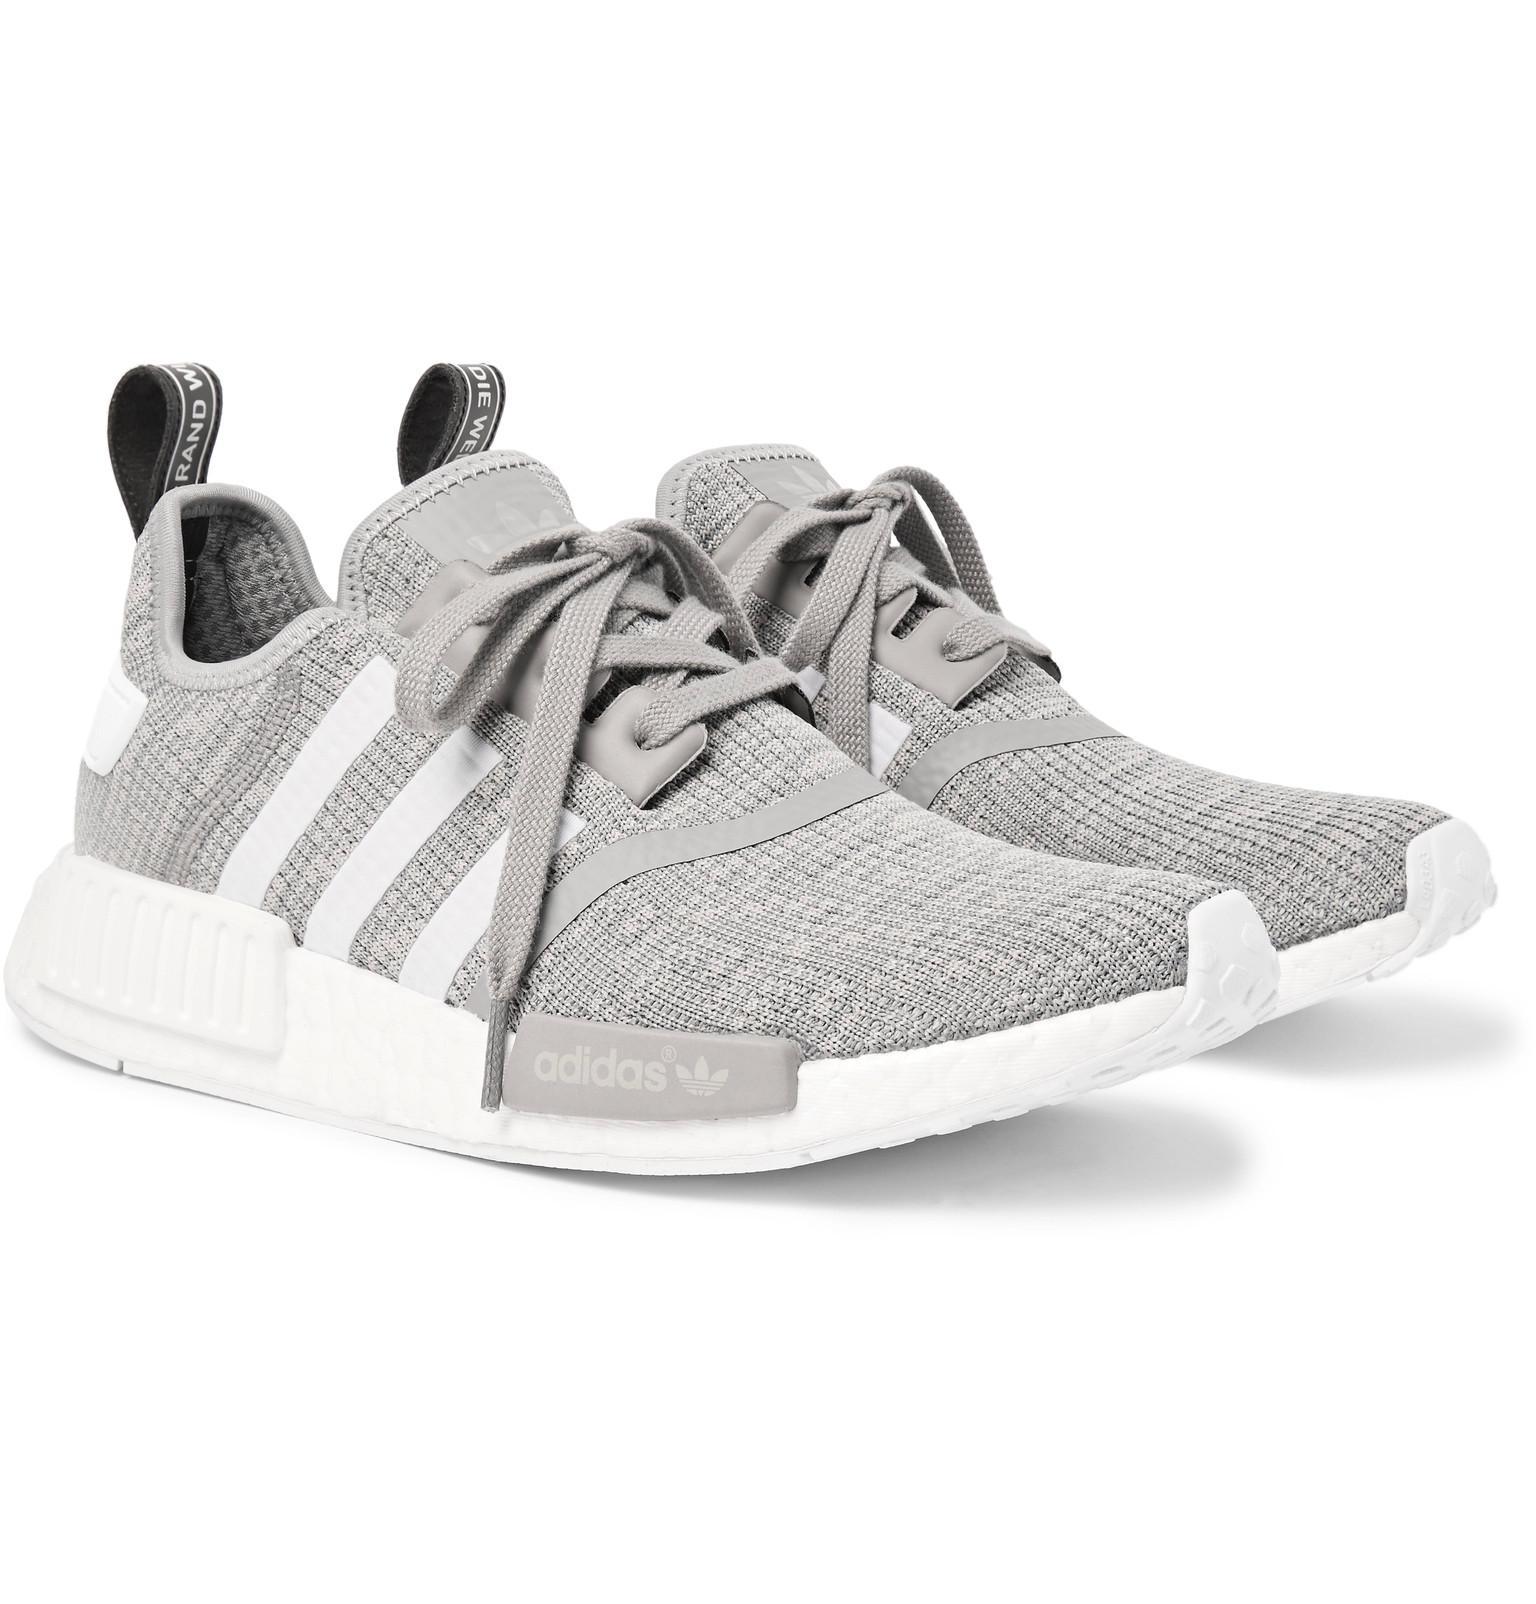 Lyst adidas originali nmd r1 gomma potato maglie scarpe in grigio.